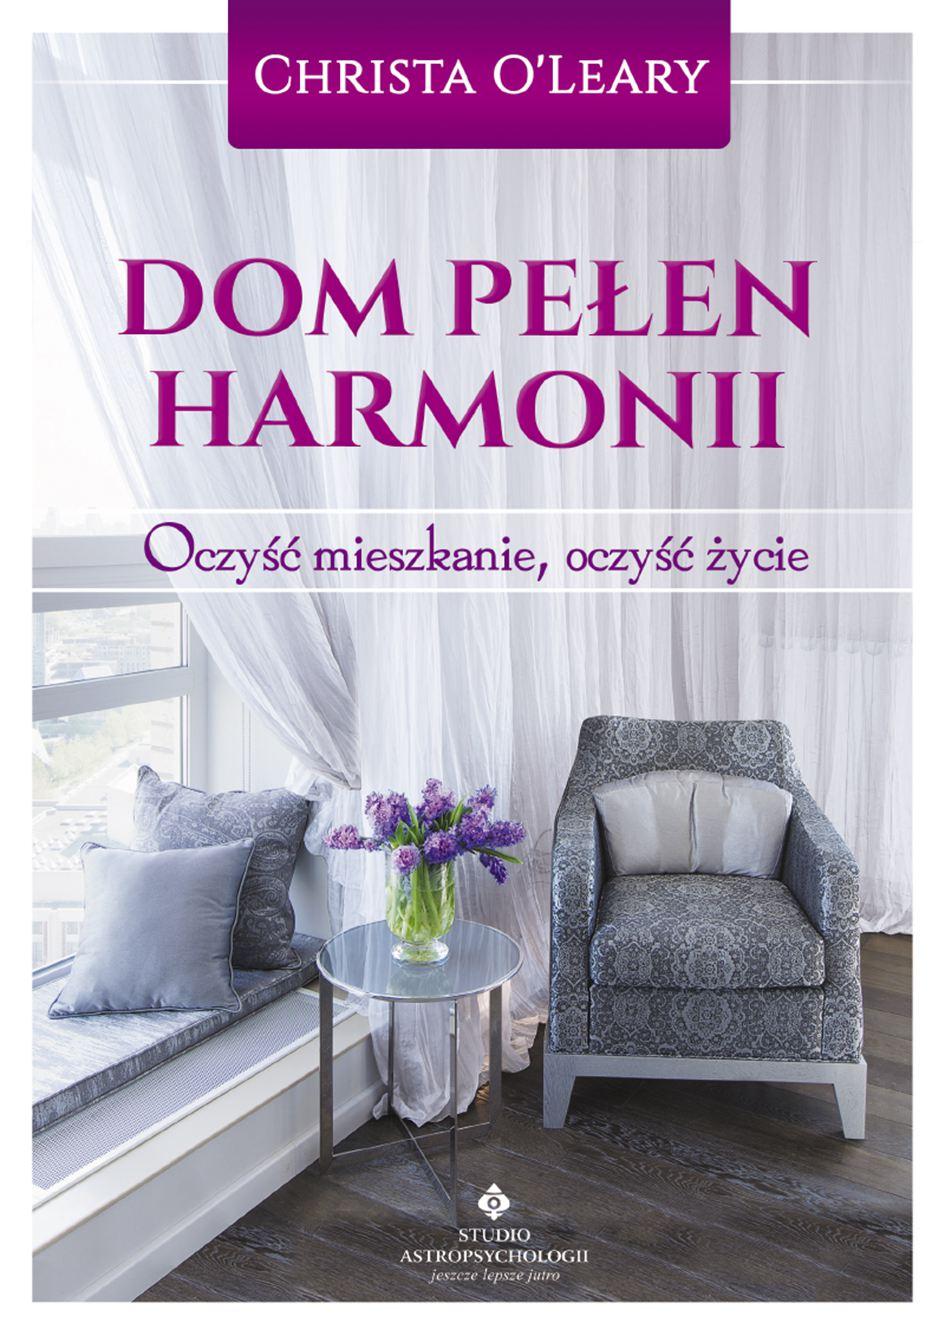 Dom pełen harmonii. Oczyść mieszkanie, oczyść życie - Ebook (Książka na Kindle) do pobrania w formacie MOBI